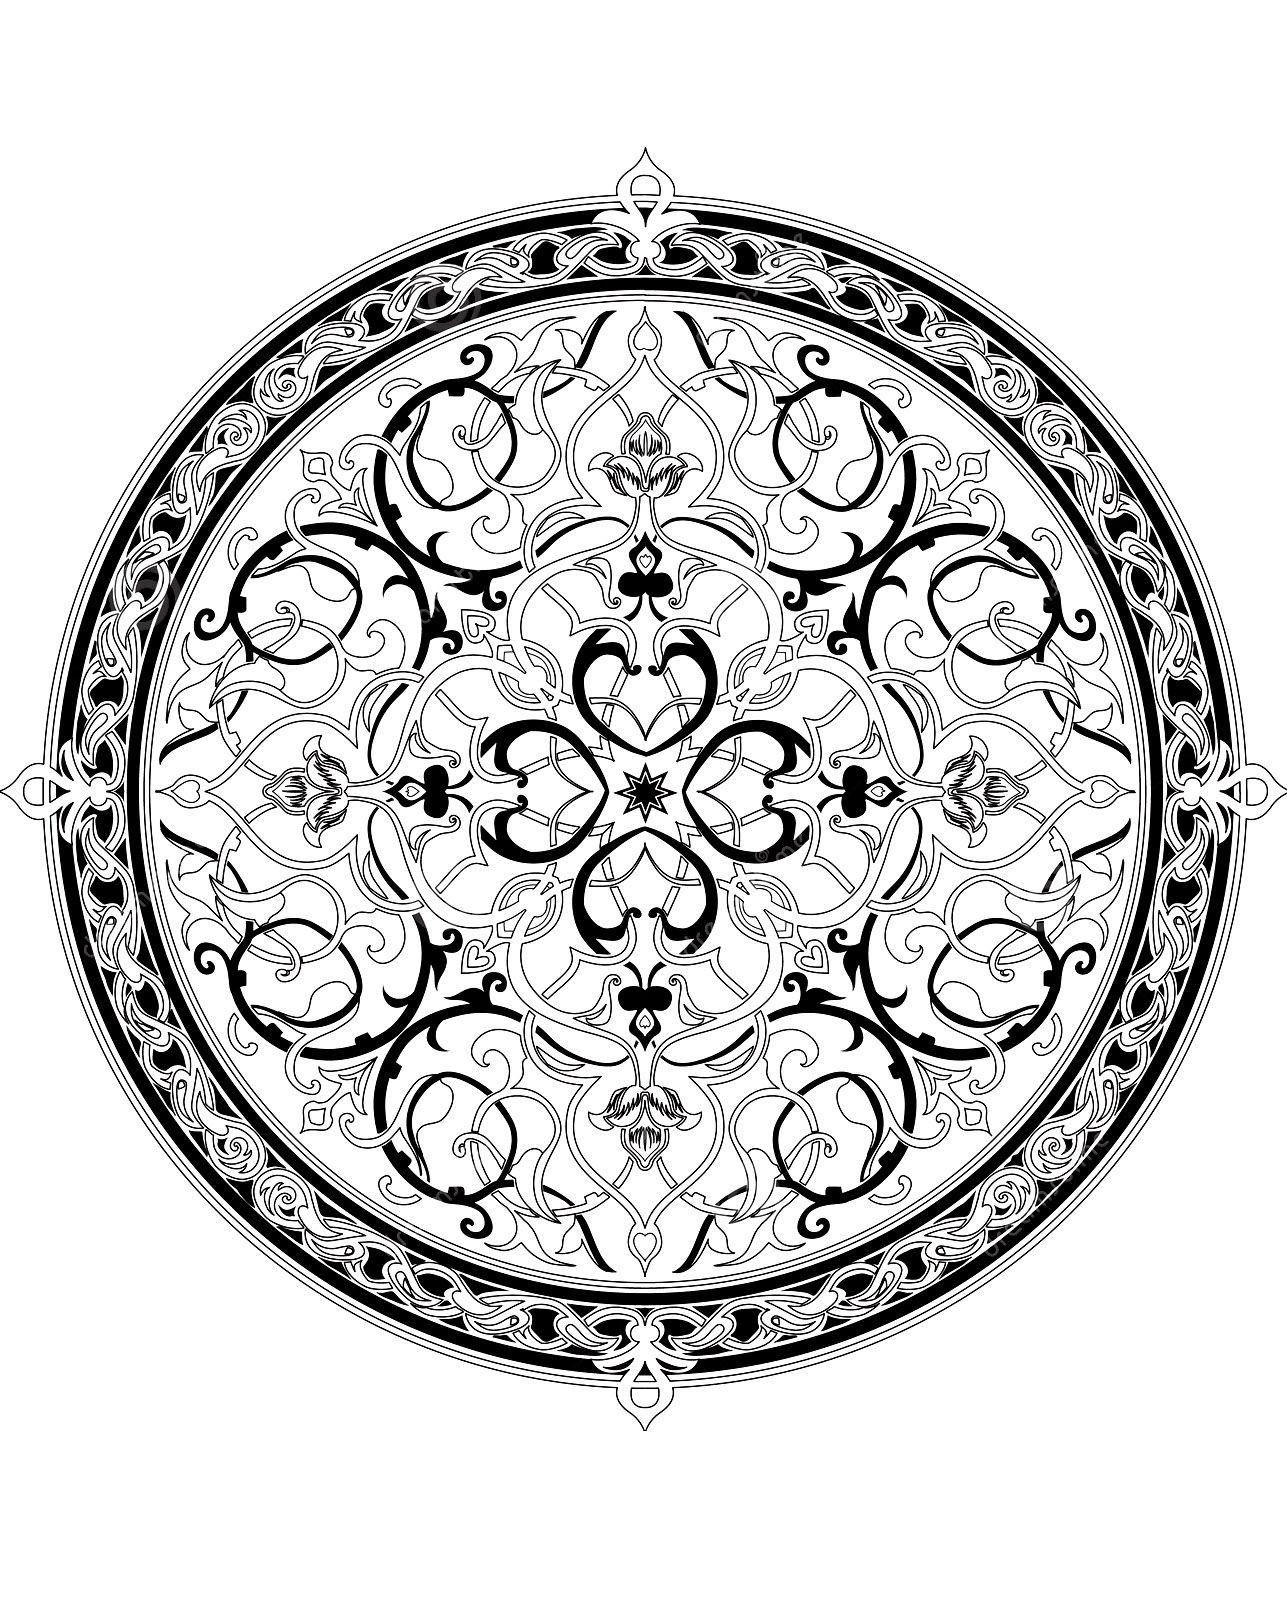 Geometrische Muster Zum Ausmalen Inspirierend Pour Imprimer Ce Coloriage Gratuit Coloriage Adulte oriental Fotos